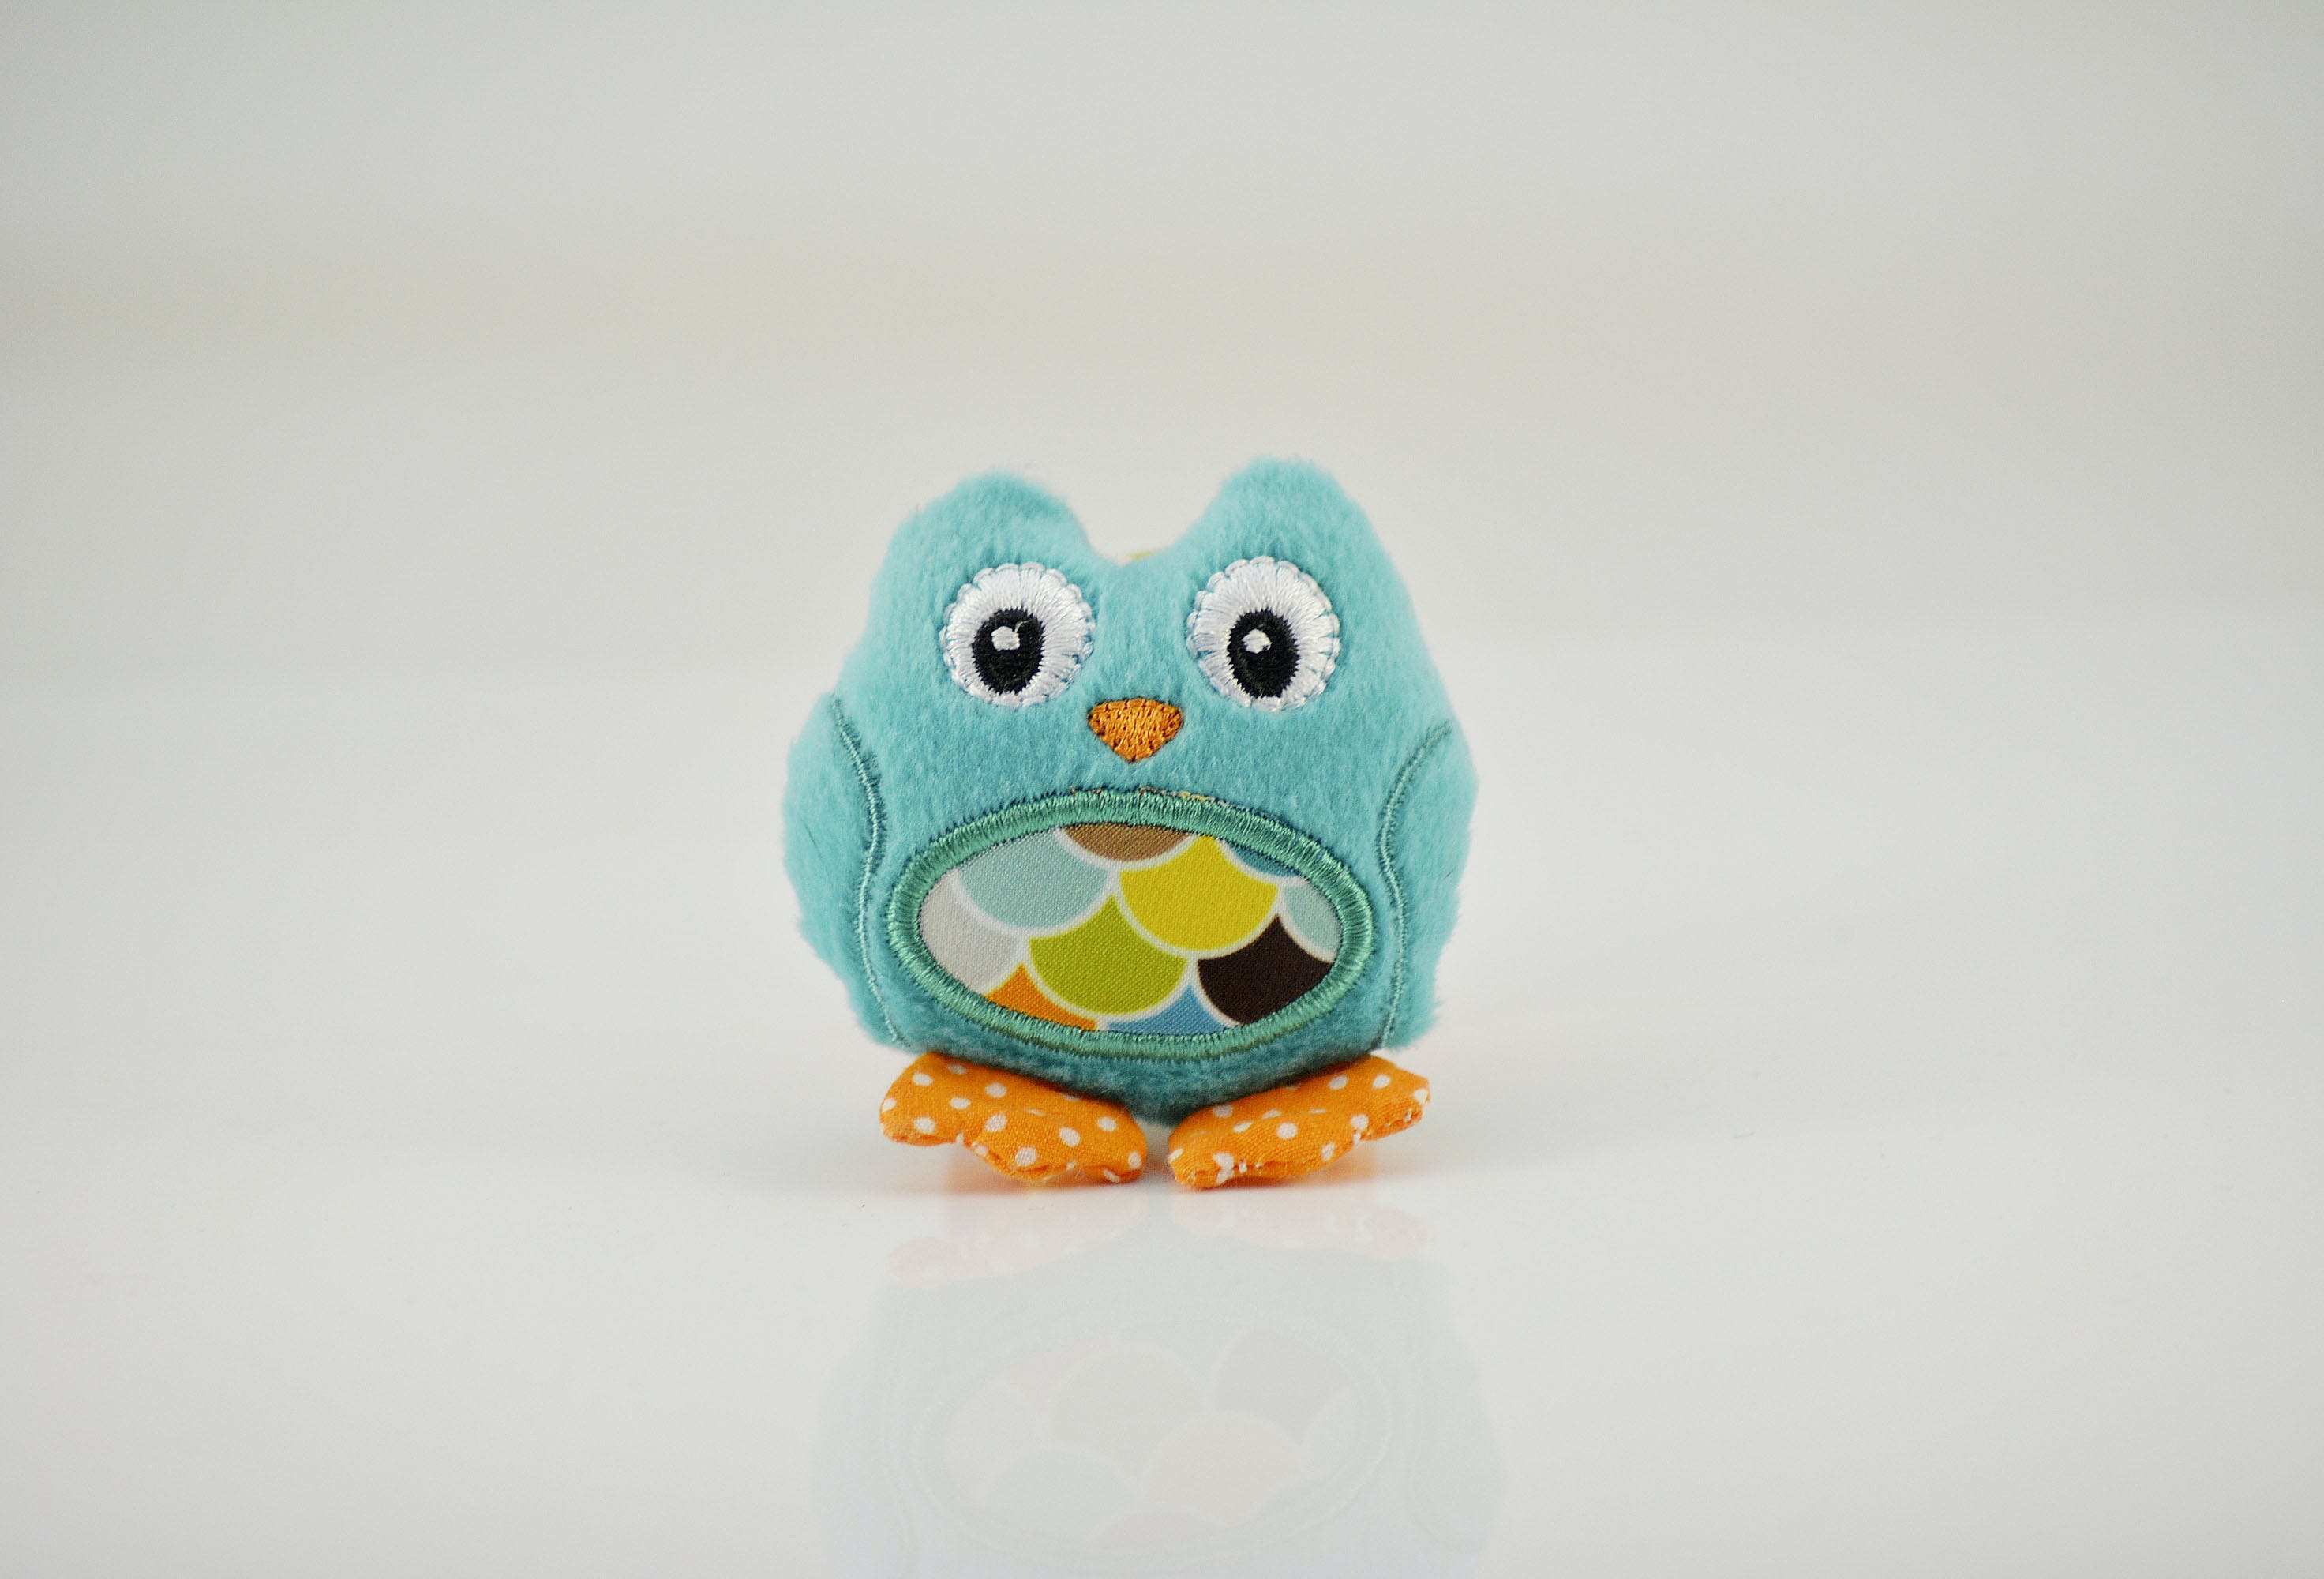 Blue Bird Plush Toy